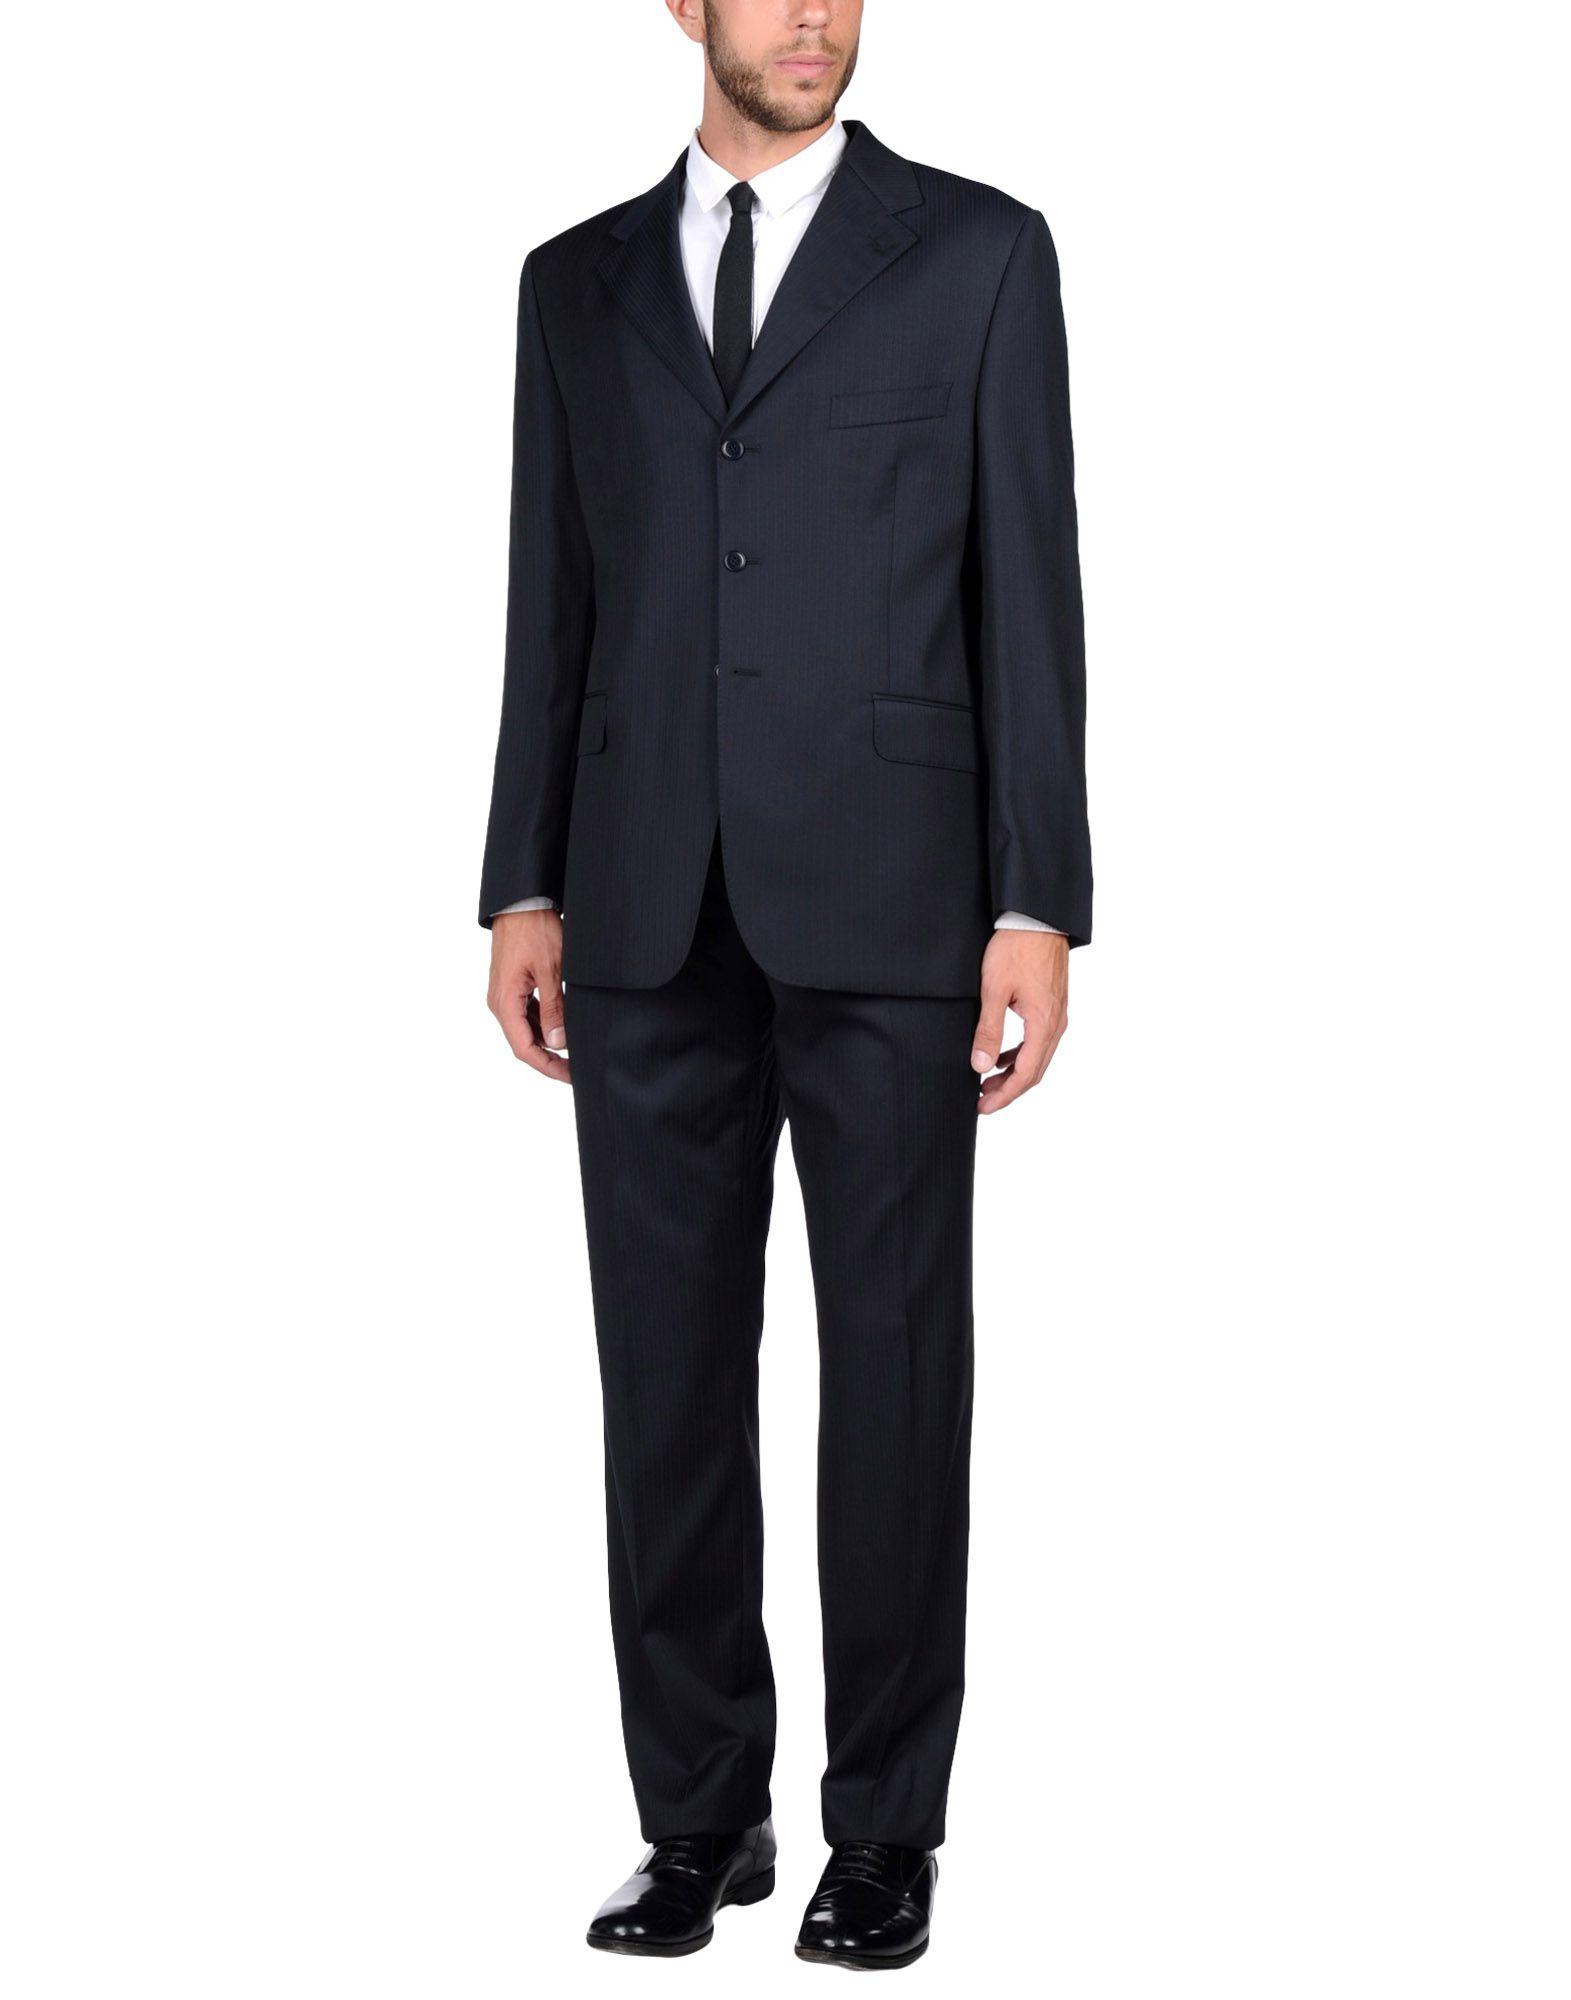 DALTON & FORSYTHE Herren Anzug Farbe Dunkelblau Größe 8 jetztbilligerkaufen